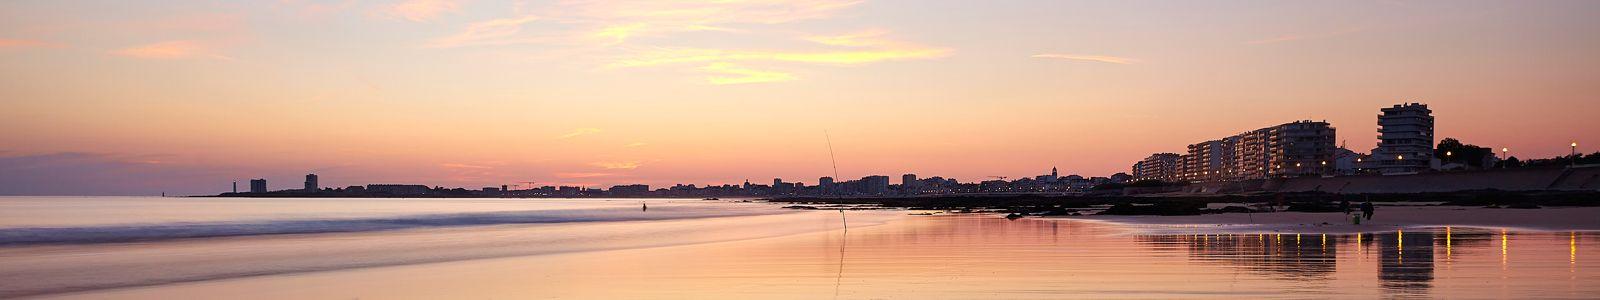 Vue mer par A.Lamoureux - Vendée Expansion